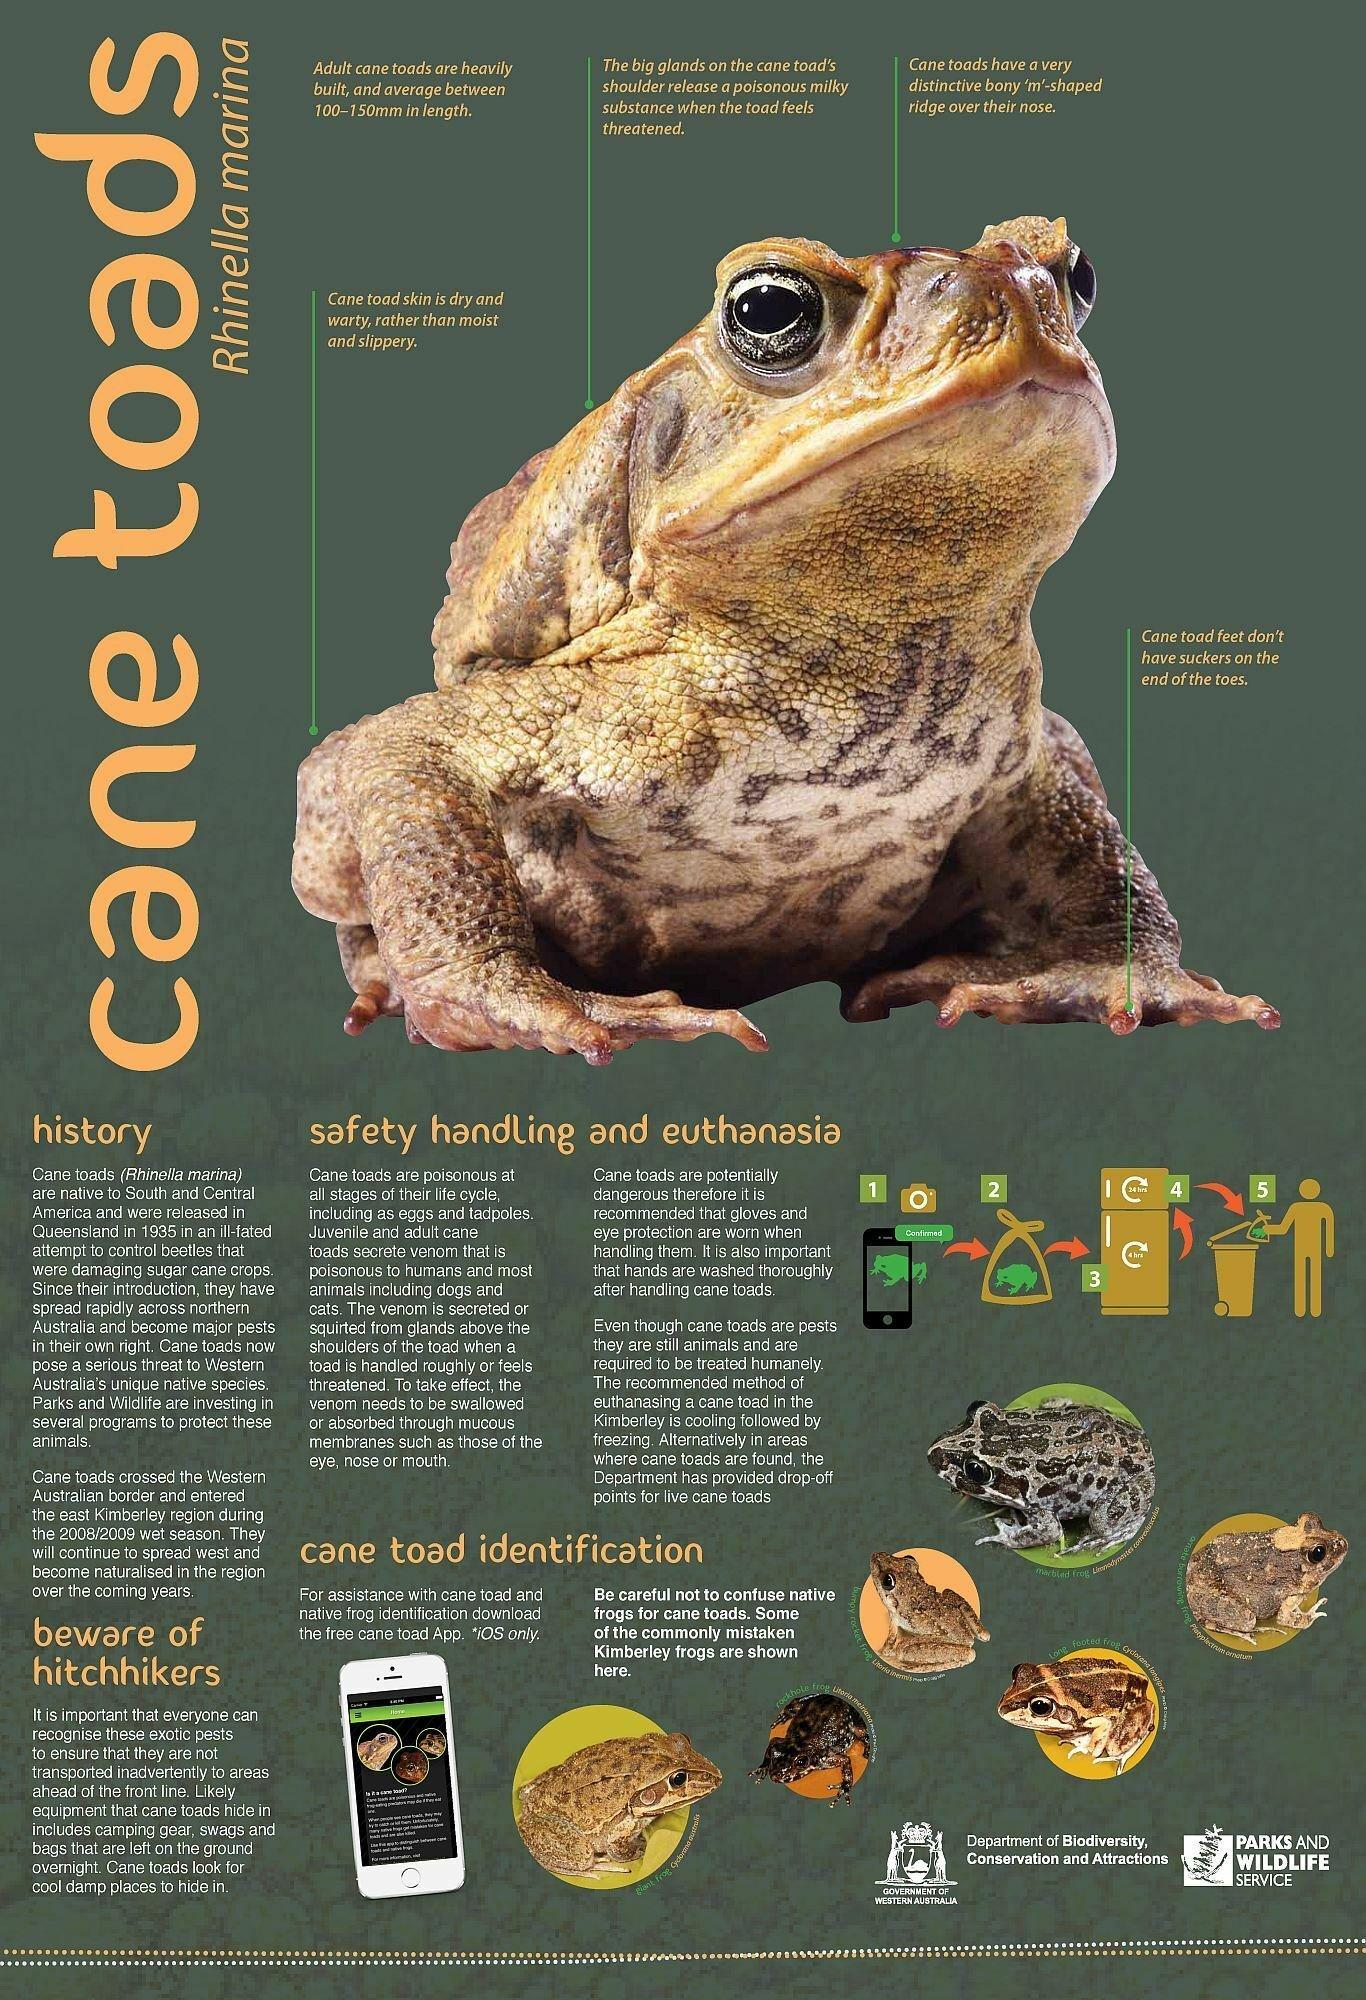 Ein Poster der australischen Cane Toad Coalition erklärt, wie Aga-Kröten zu identifizieren, handhaben und im Gefrierschrank zu töten sind.